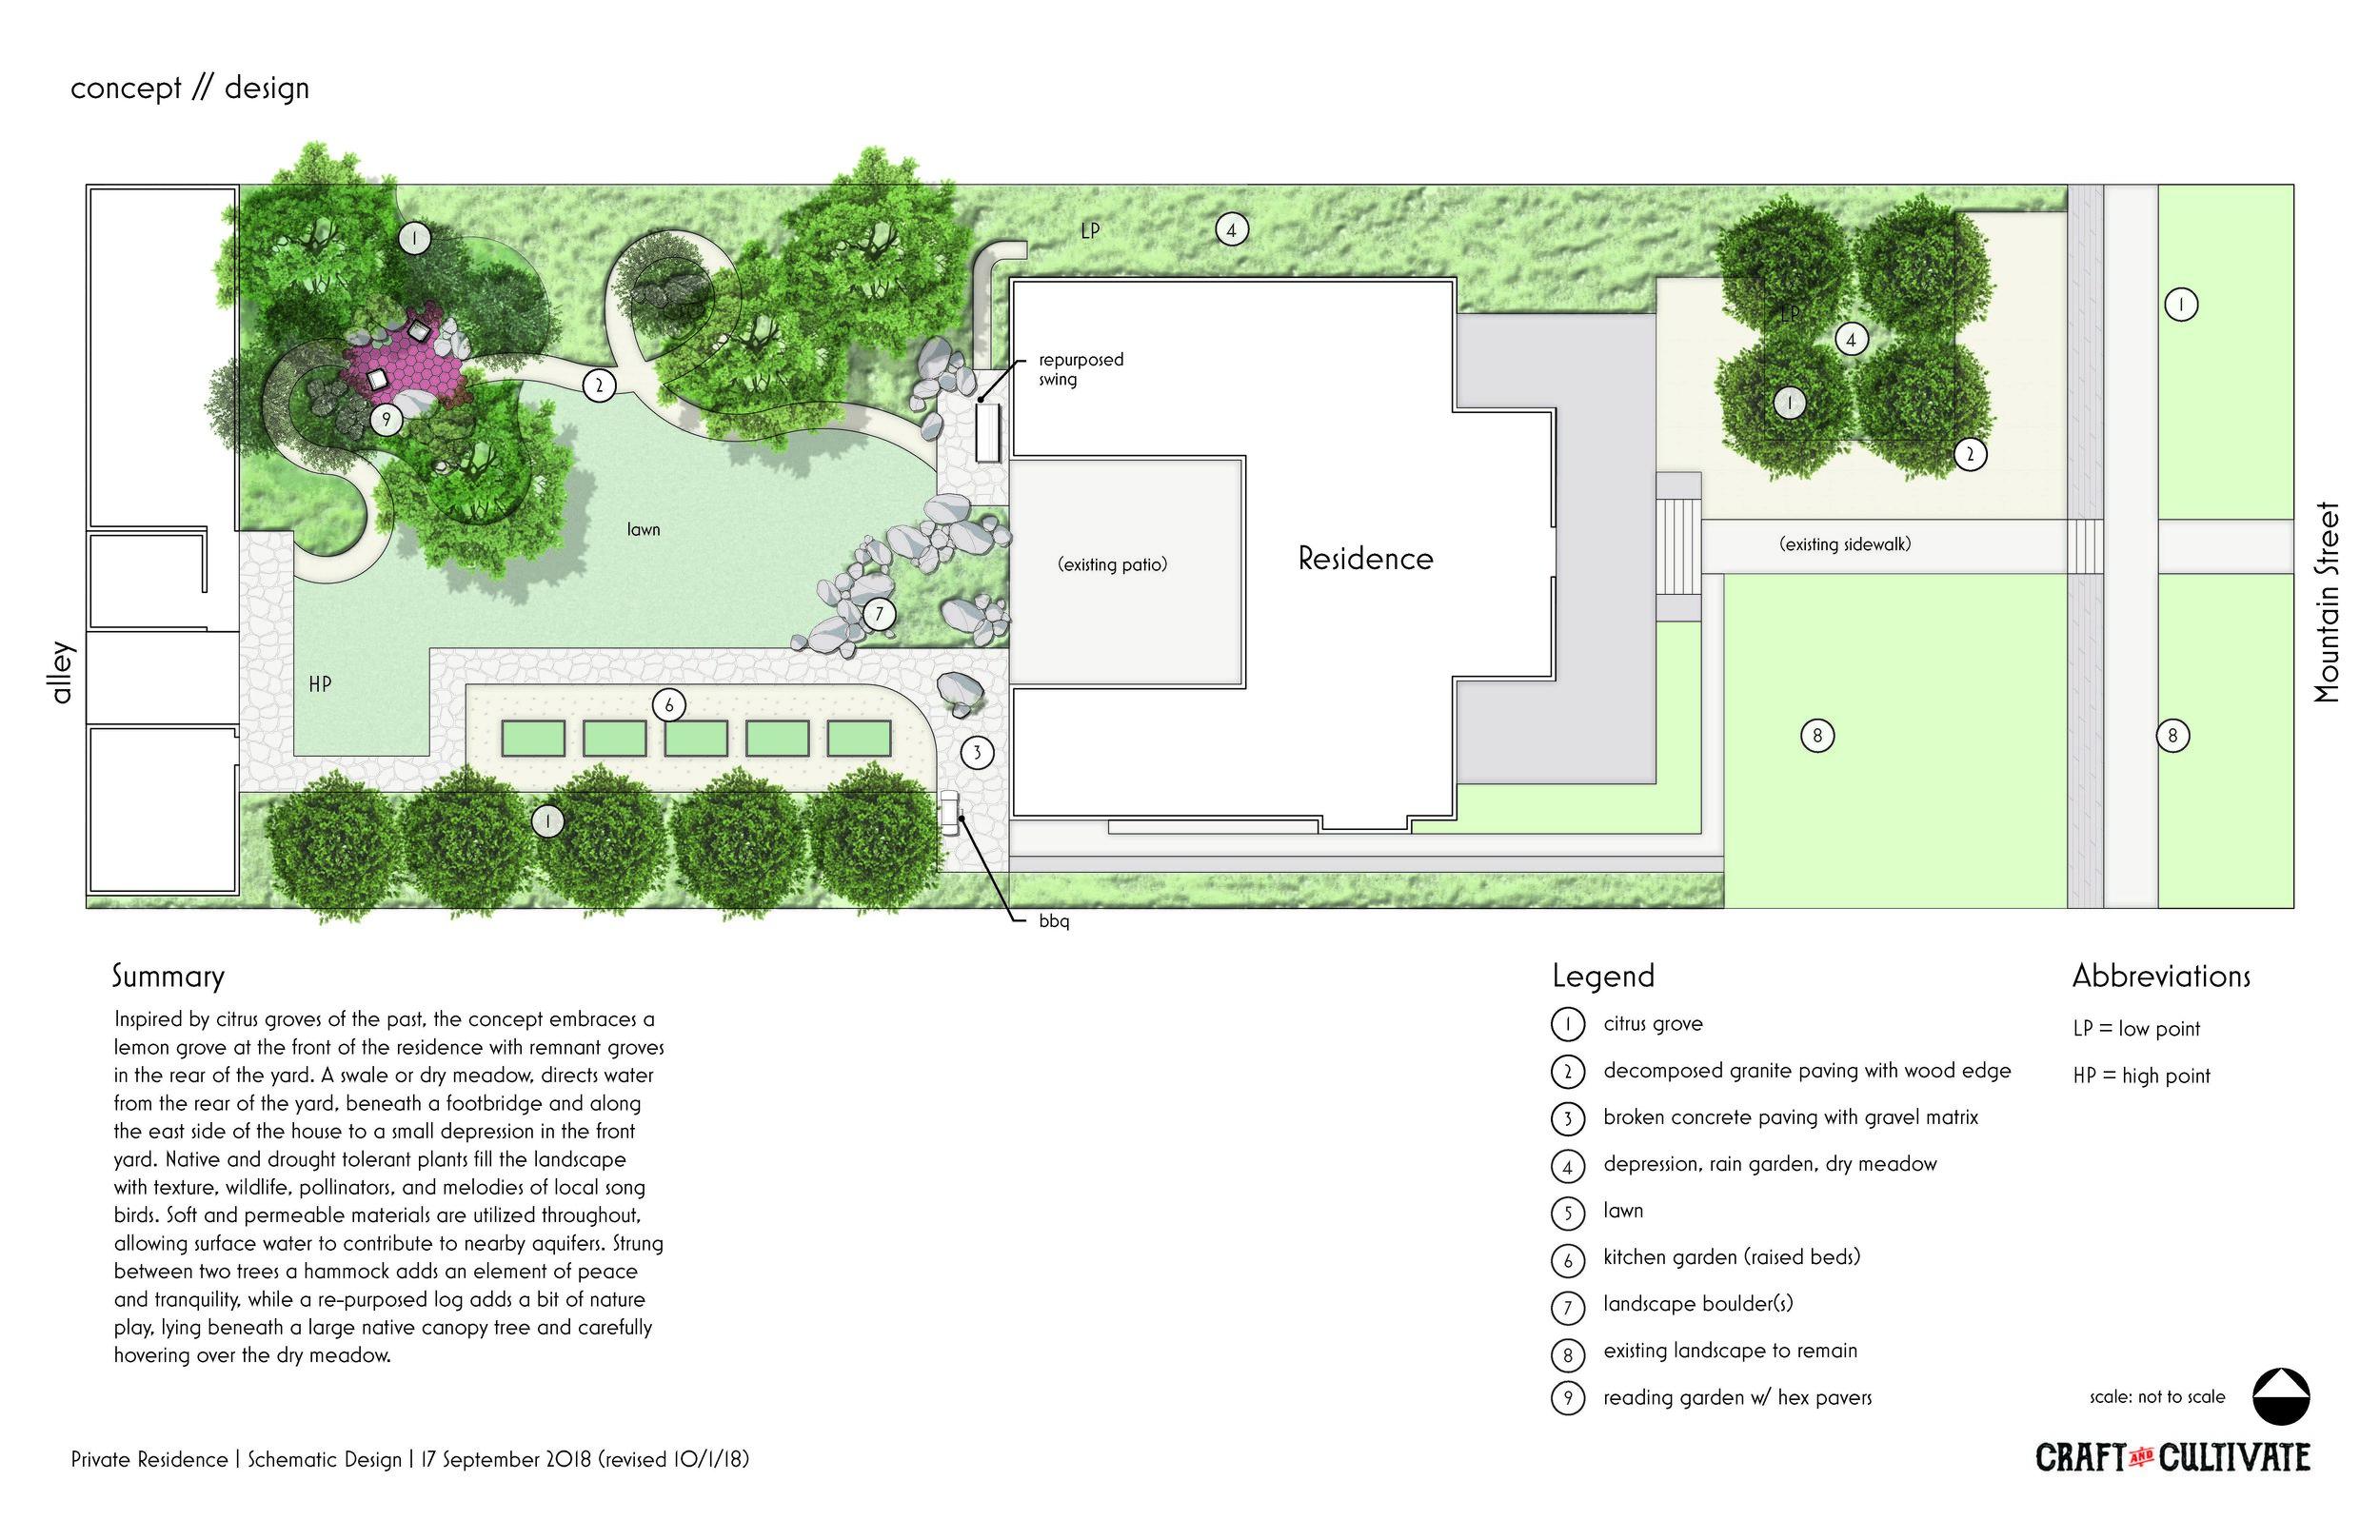 20181001_Landscape_Schematic_draft_Page_3.jpg